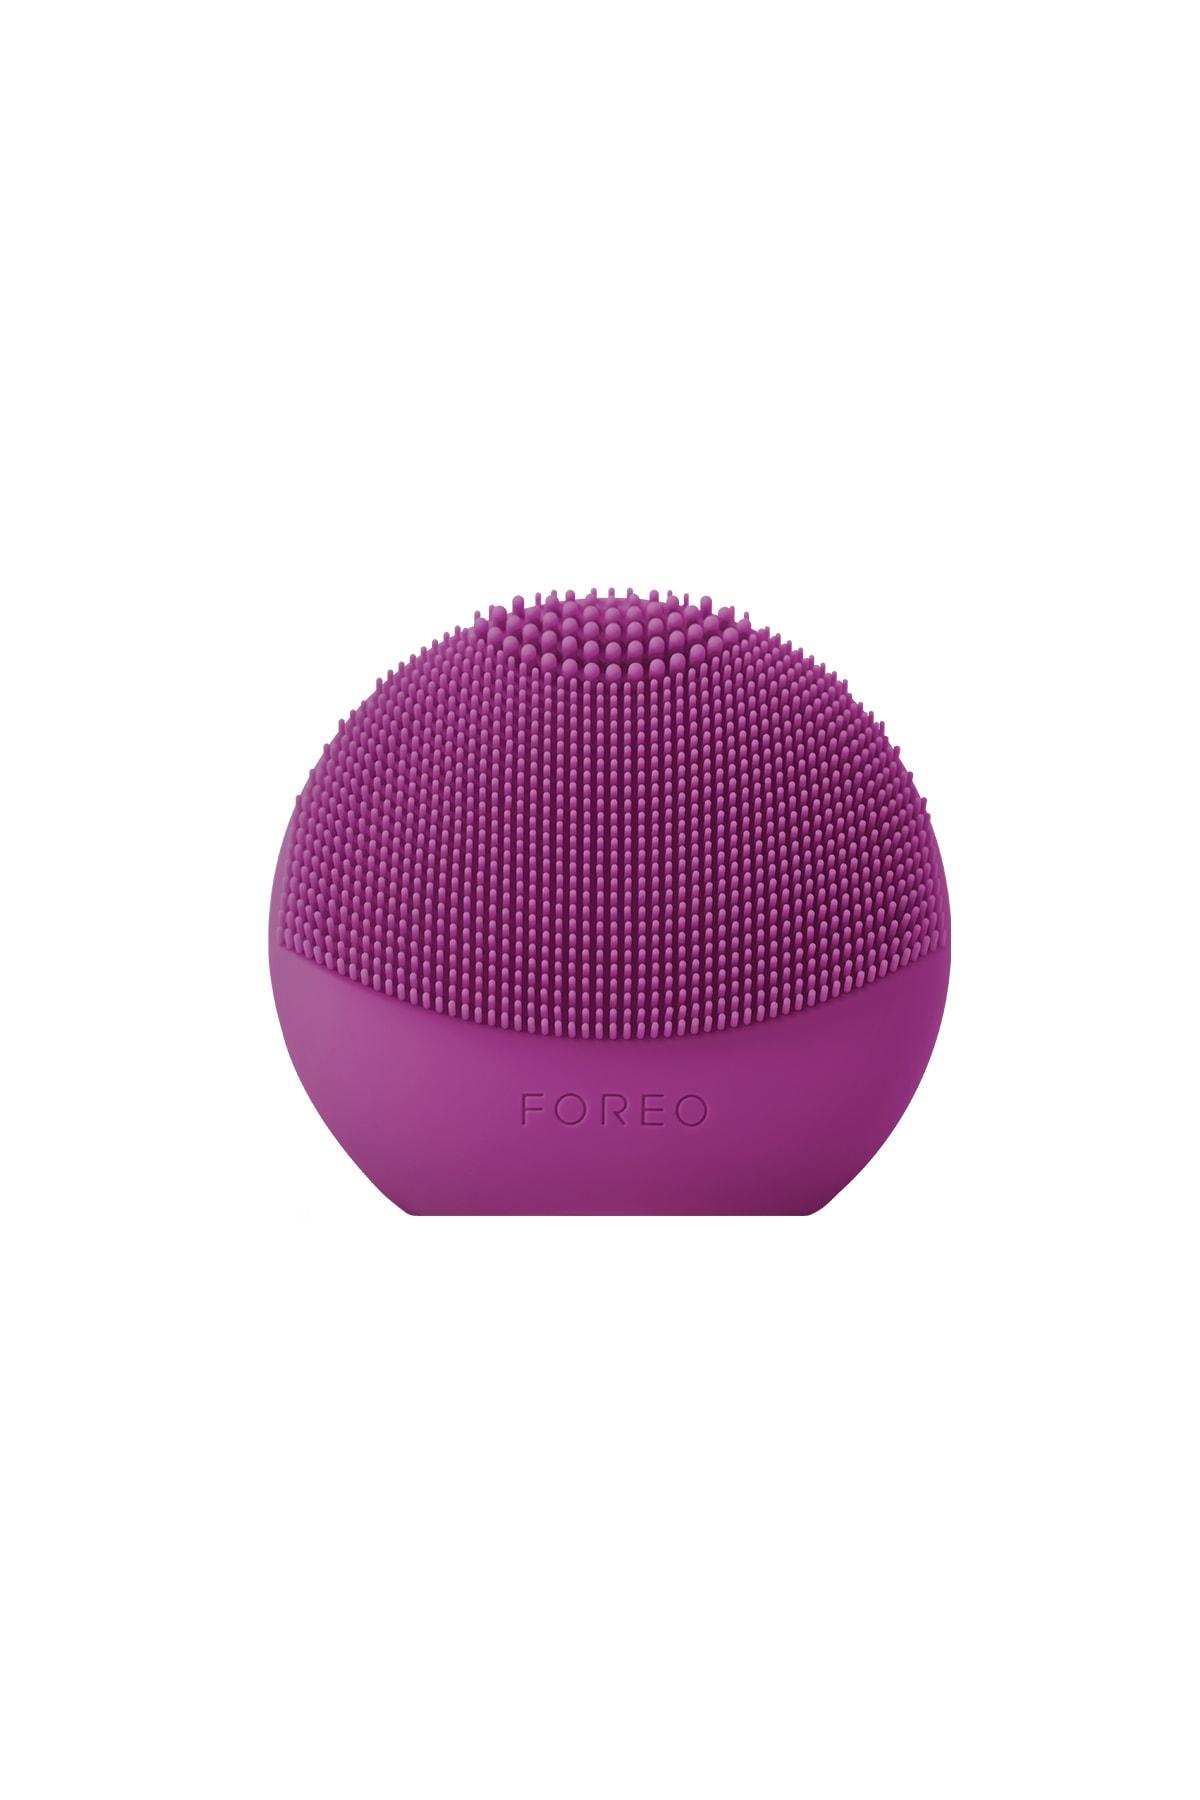 Foreo LUNA Fofo Akıllı Yüz Temizleme ve Masaj Cihazı - Purple 7350092137867 0